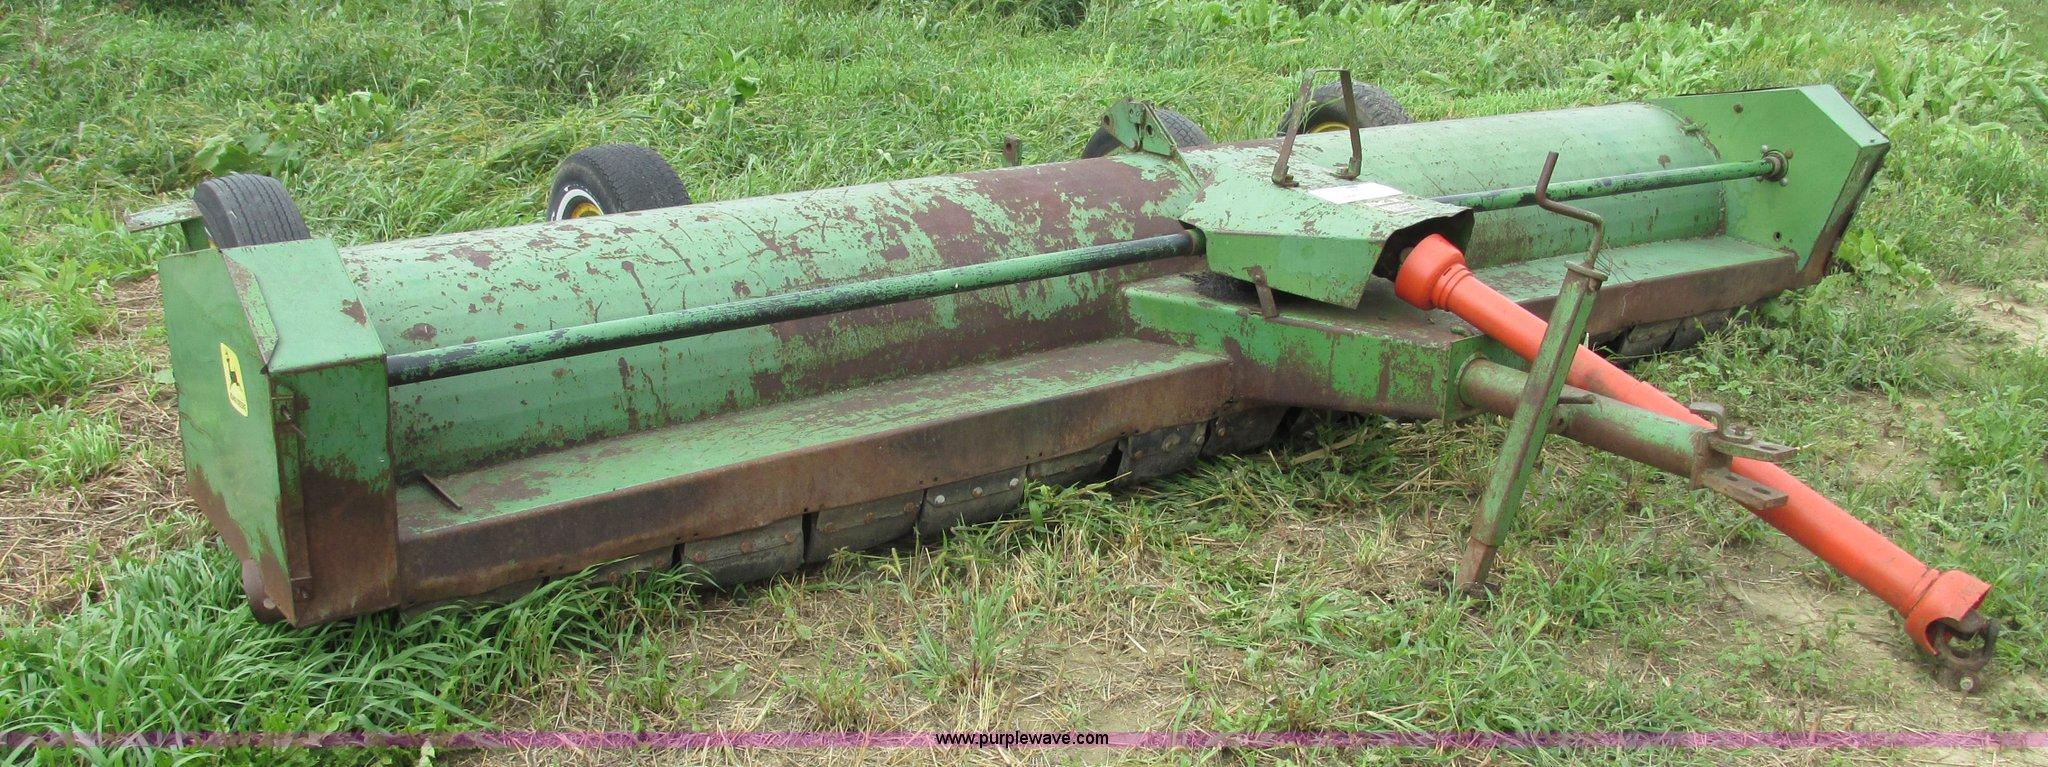 John Deere 27 flail shredder   Item G9977   SOLD! October 8